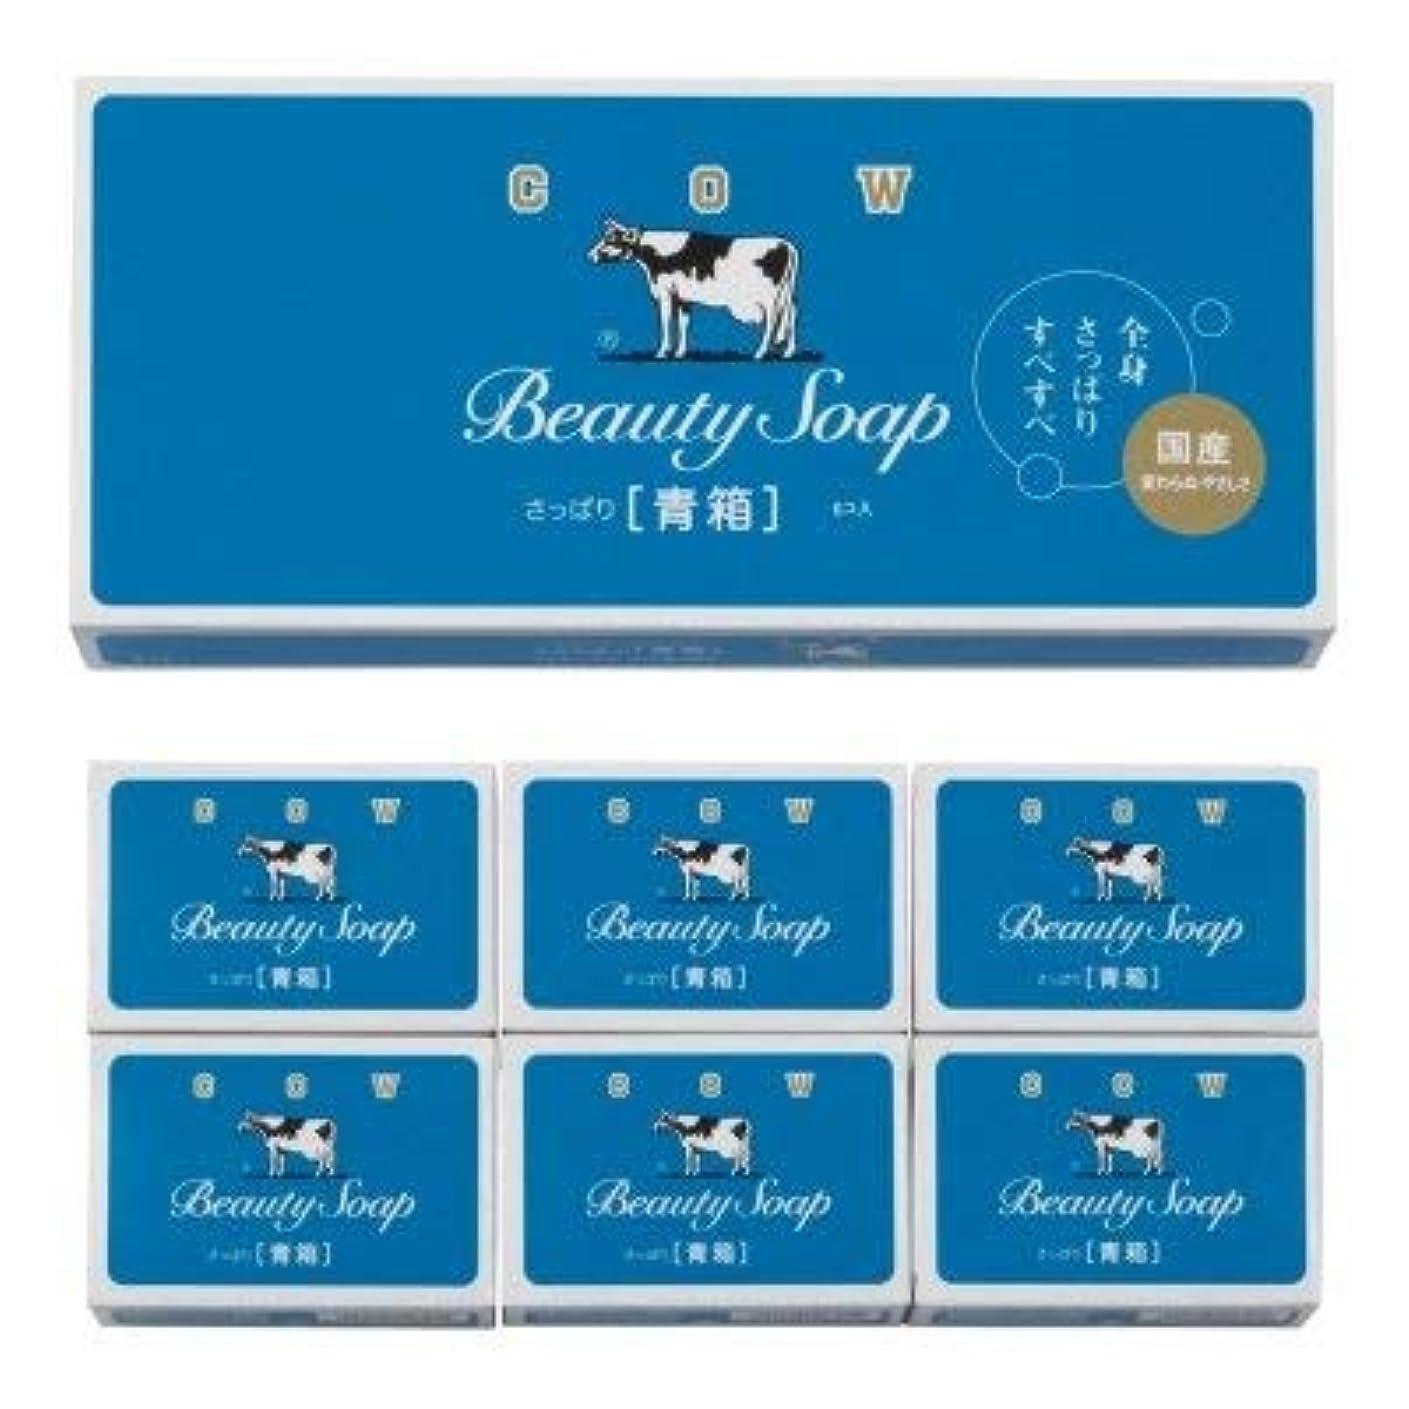 荷物ラウンジ弾性【国産】カウブランド 牛乳石鹸 青箱6コ入 (12個1セット)